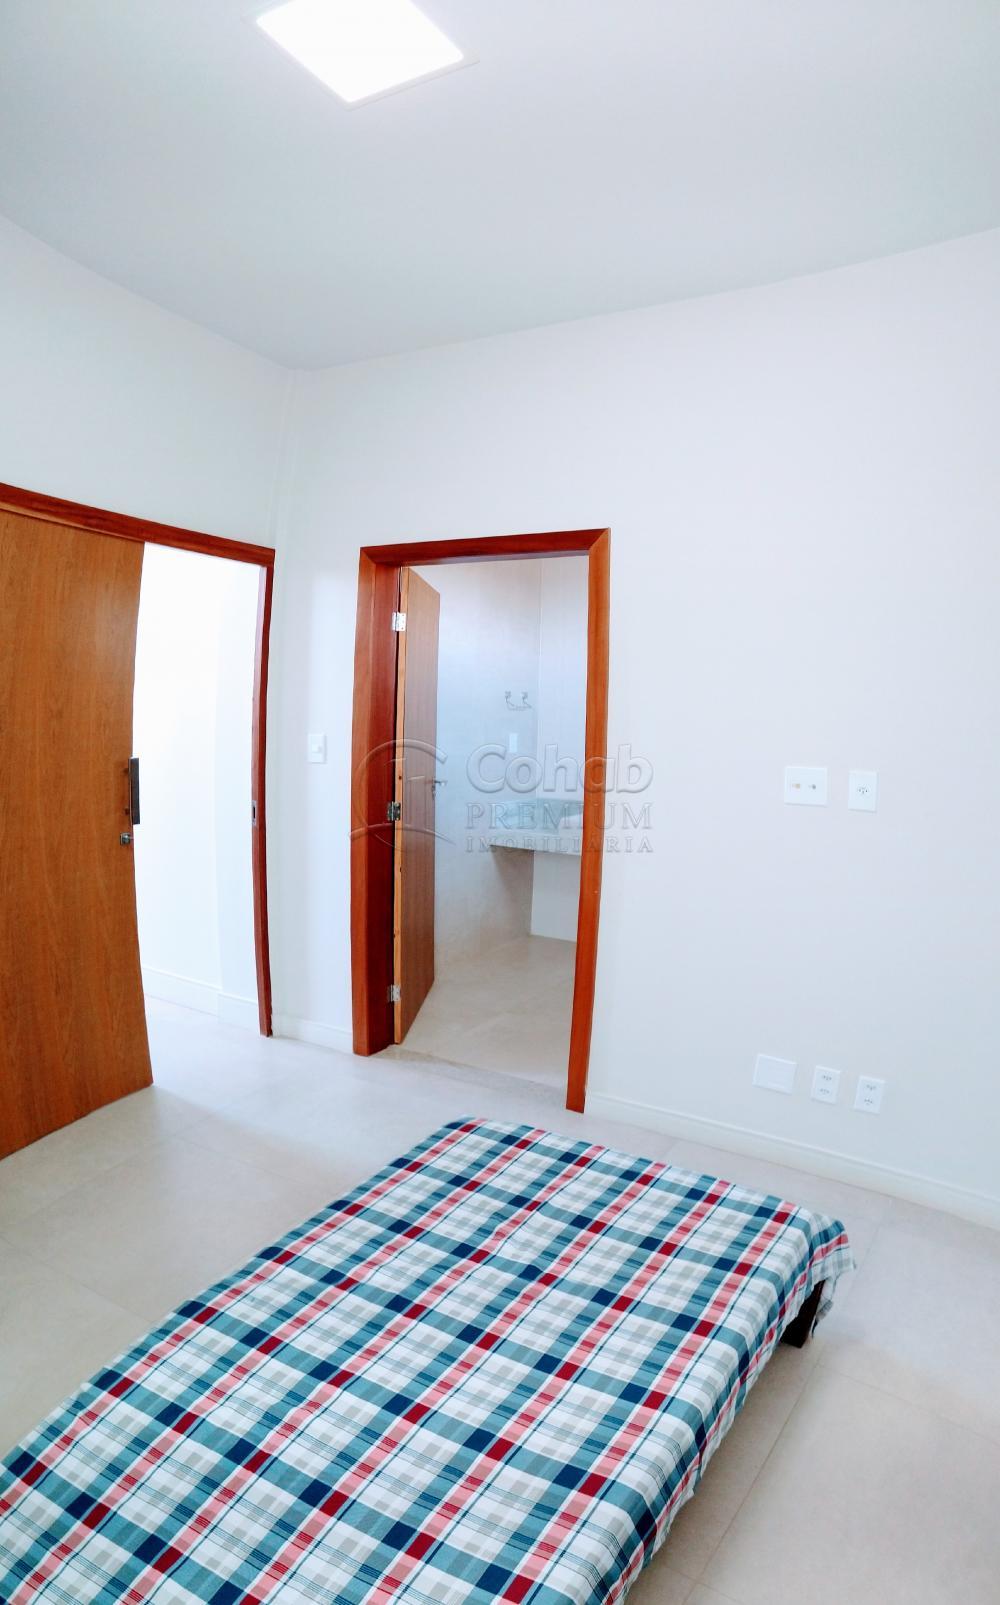 Alugar Casa / Condomínio em Barra dos Coqueiros apenas R$ 6.500,00 - Foto 9